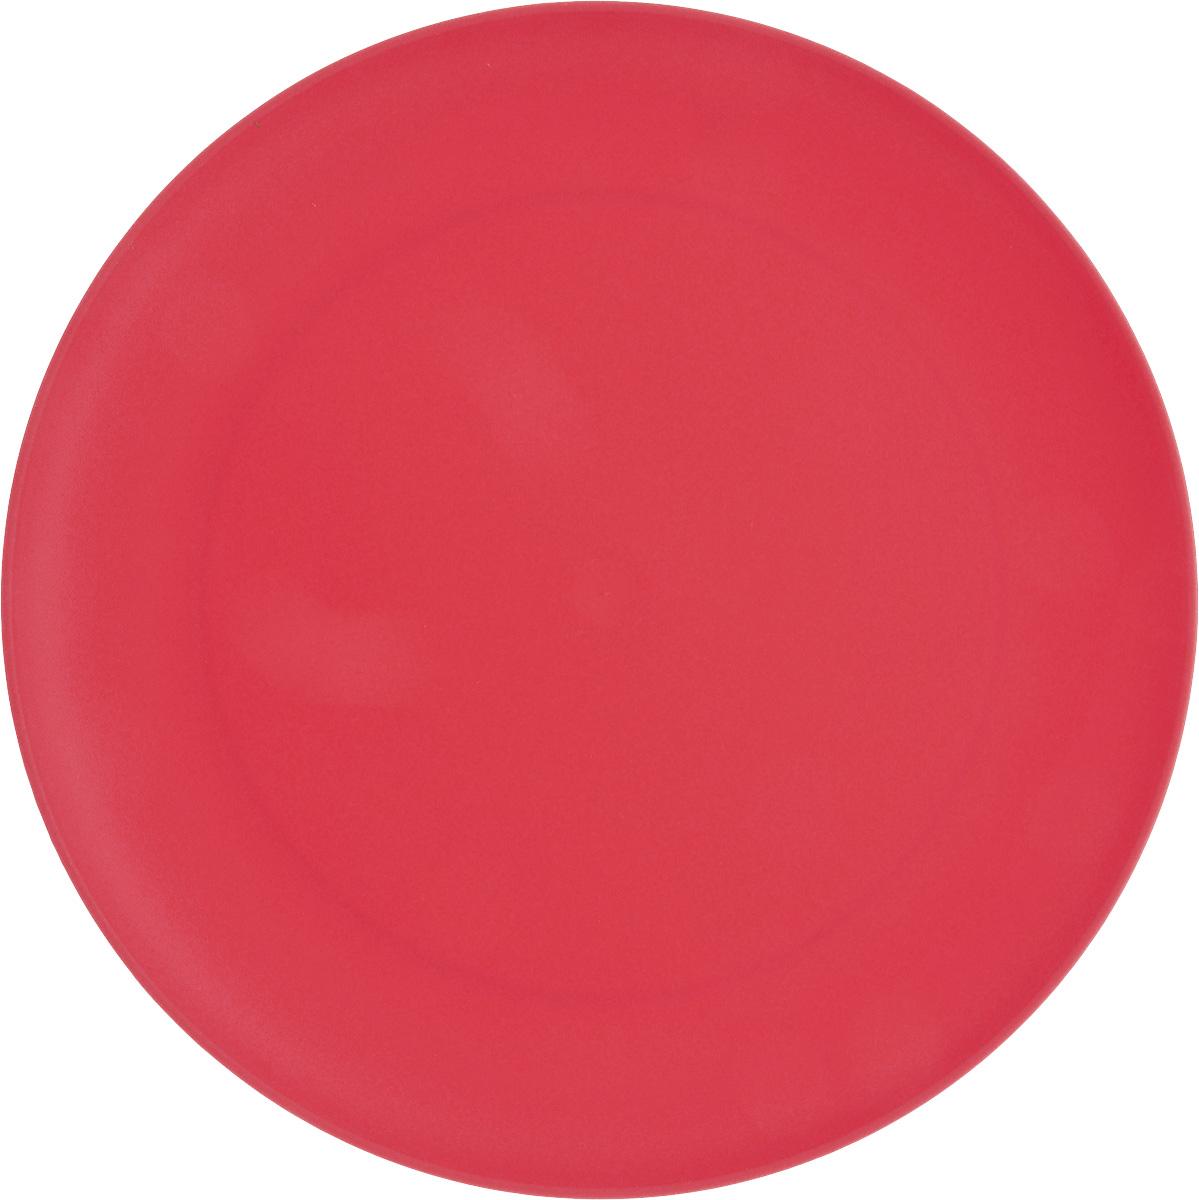 Тарелка Gotoff, цвет: красный, диаметр 23,5 см230655Круглая тарелка Gotoff выполнена из прочного пищевого полипропилена. Изделие отлично подойдет как для холодных, так и для горячих блюд. Его удобно использовать дома или на даче, брать с собой на пикники и в поездки. Отличный вариант для детских праздников. Такая тарелка не разобьется и будет служить вам долгое время.